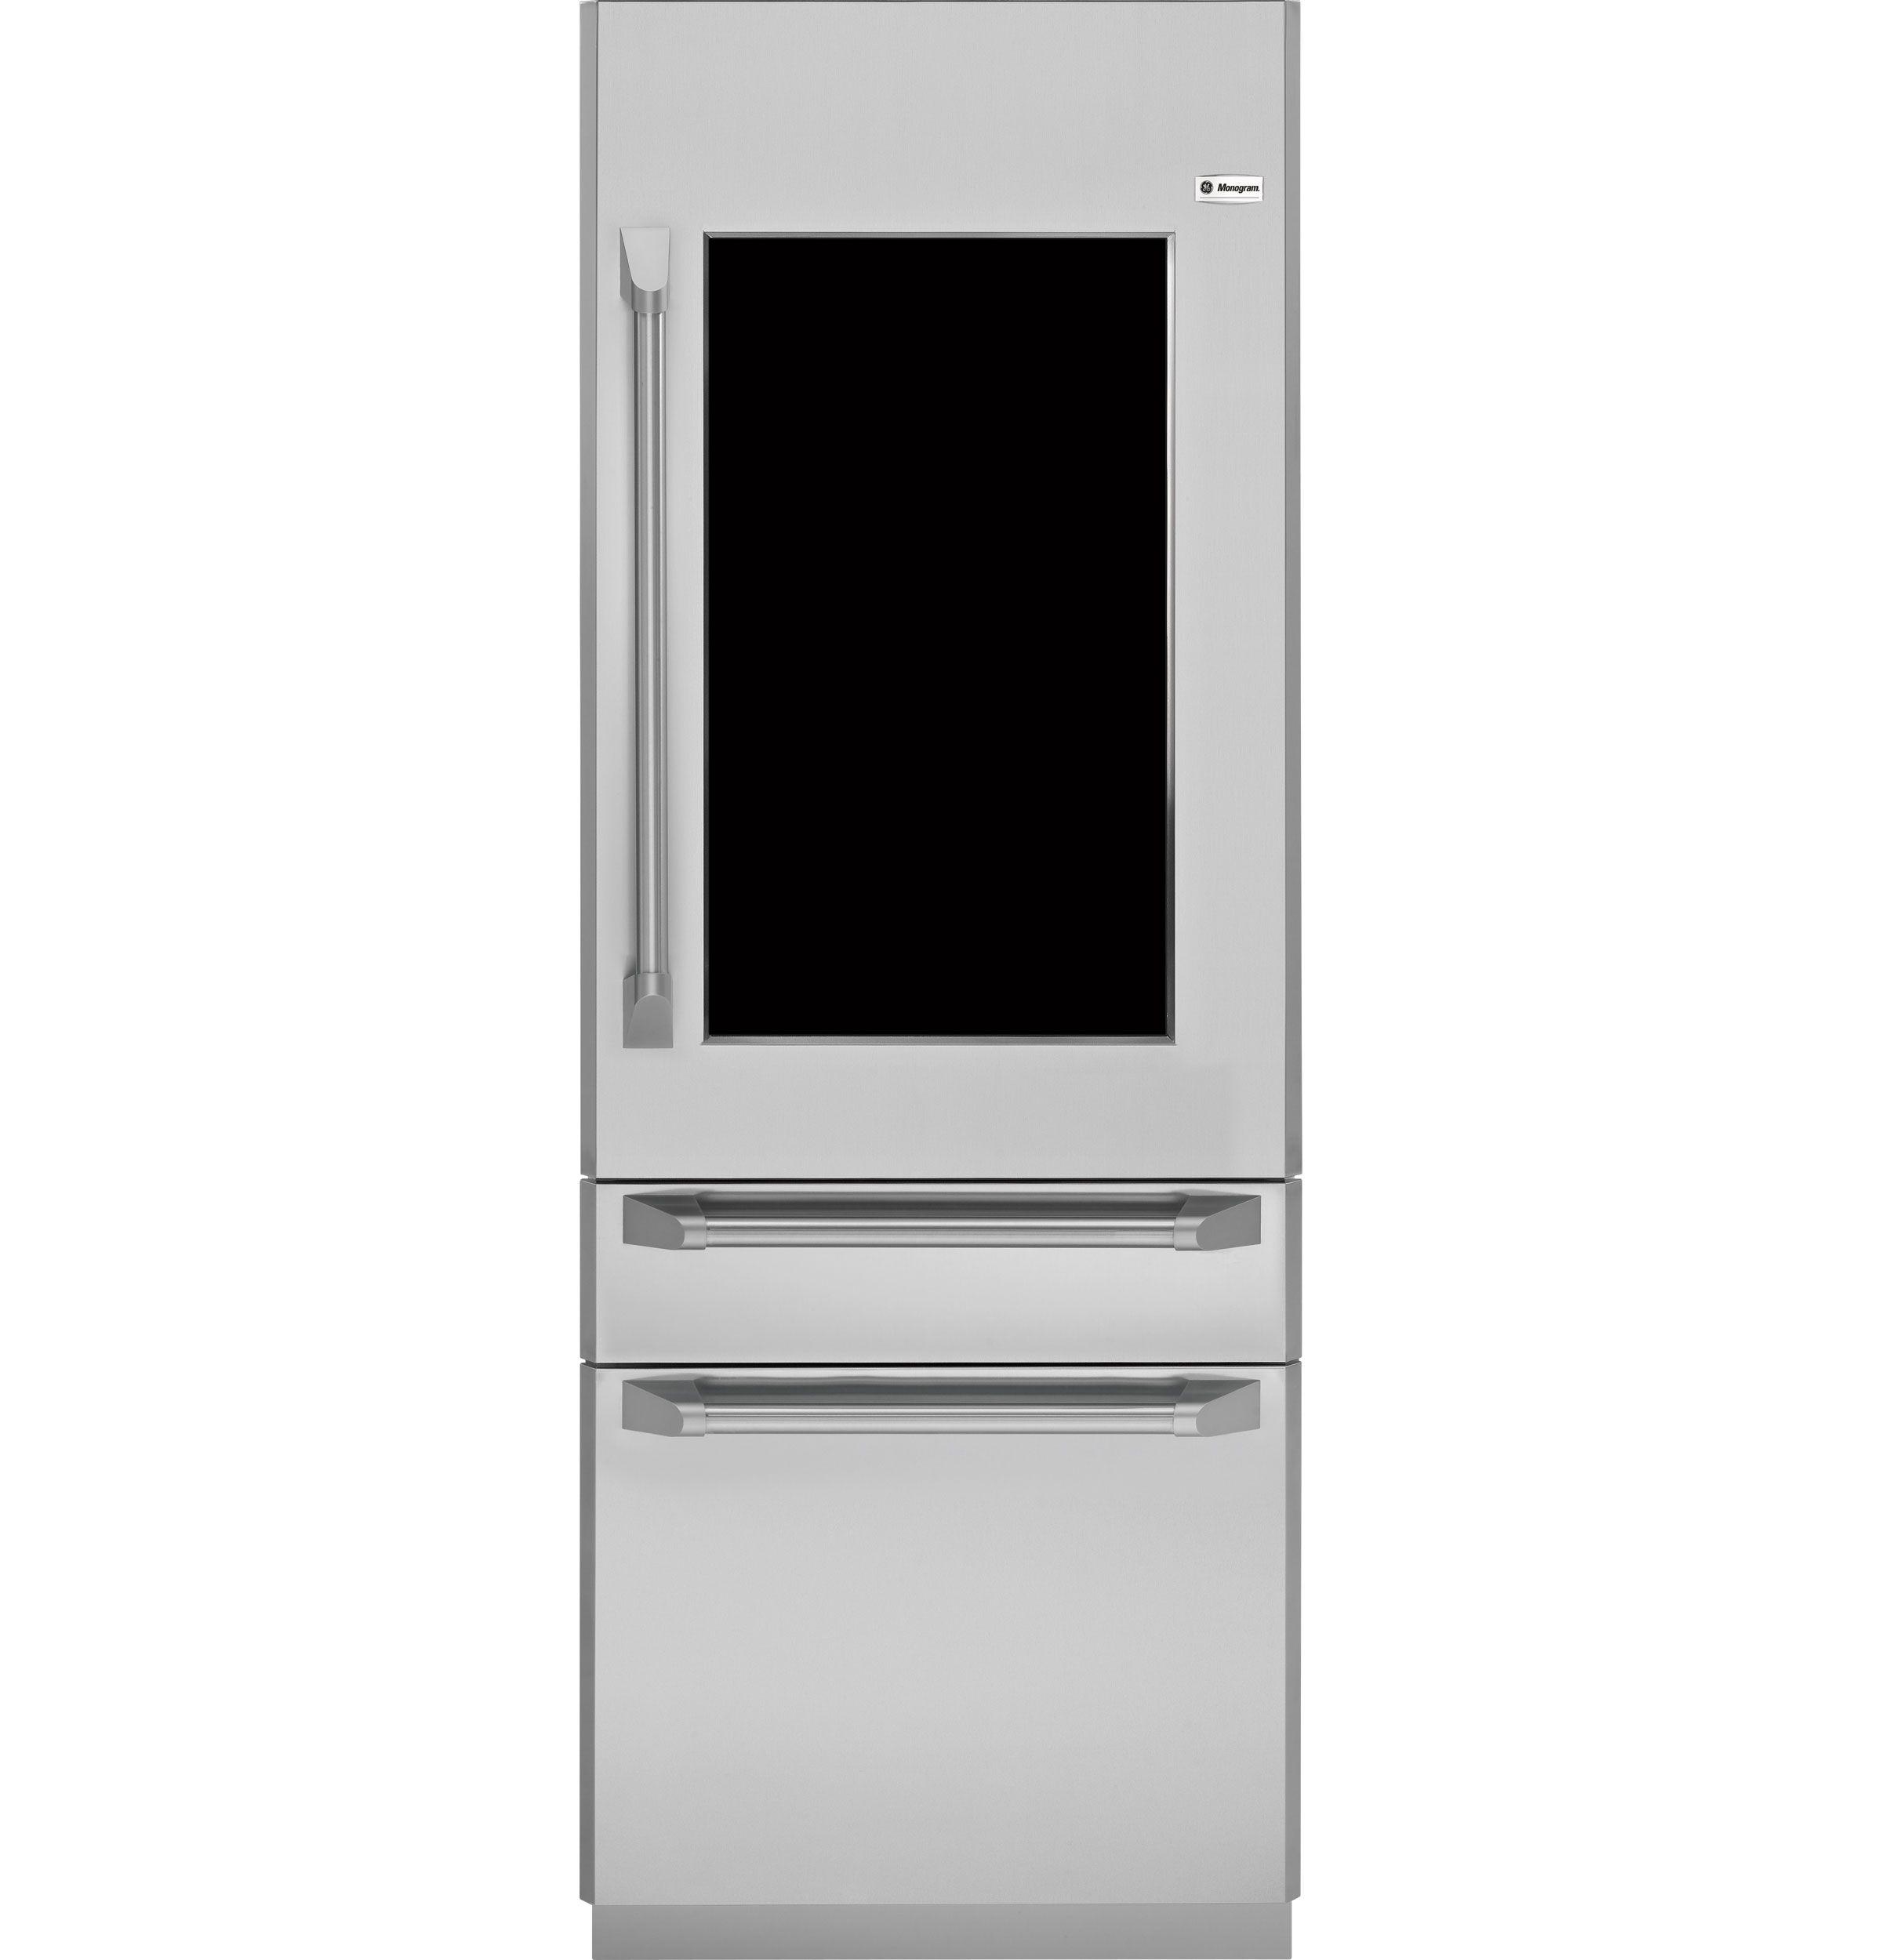 Zkgp304nrh Ge Monogram Glass Door Refrigerator Monogram